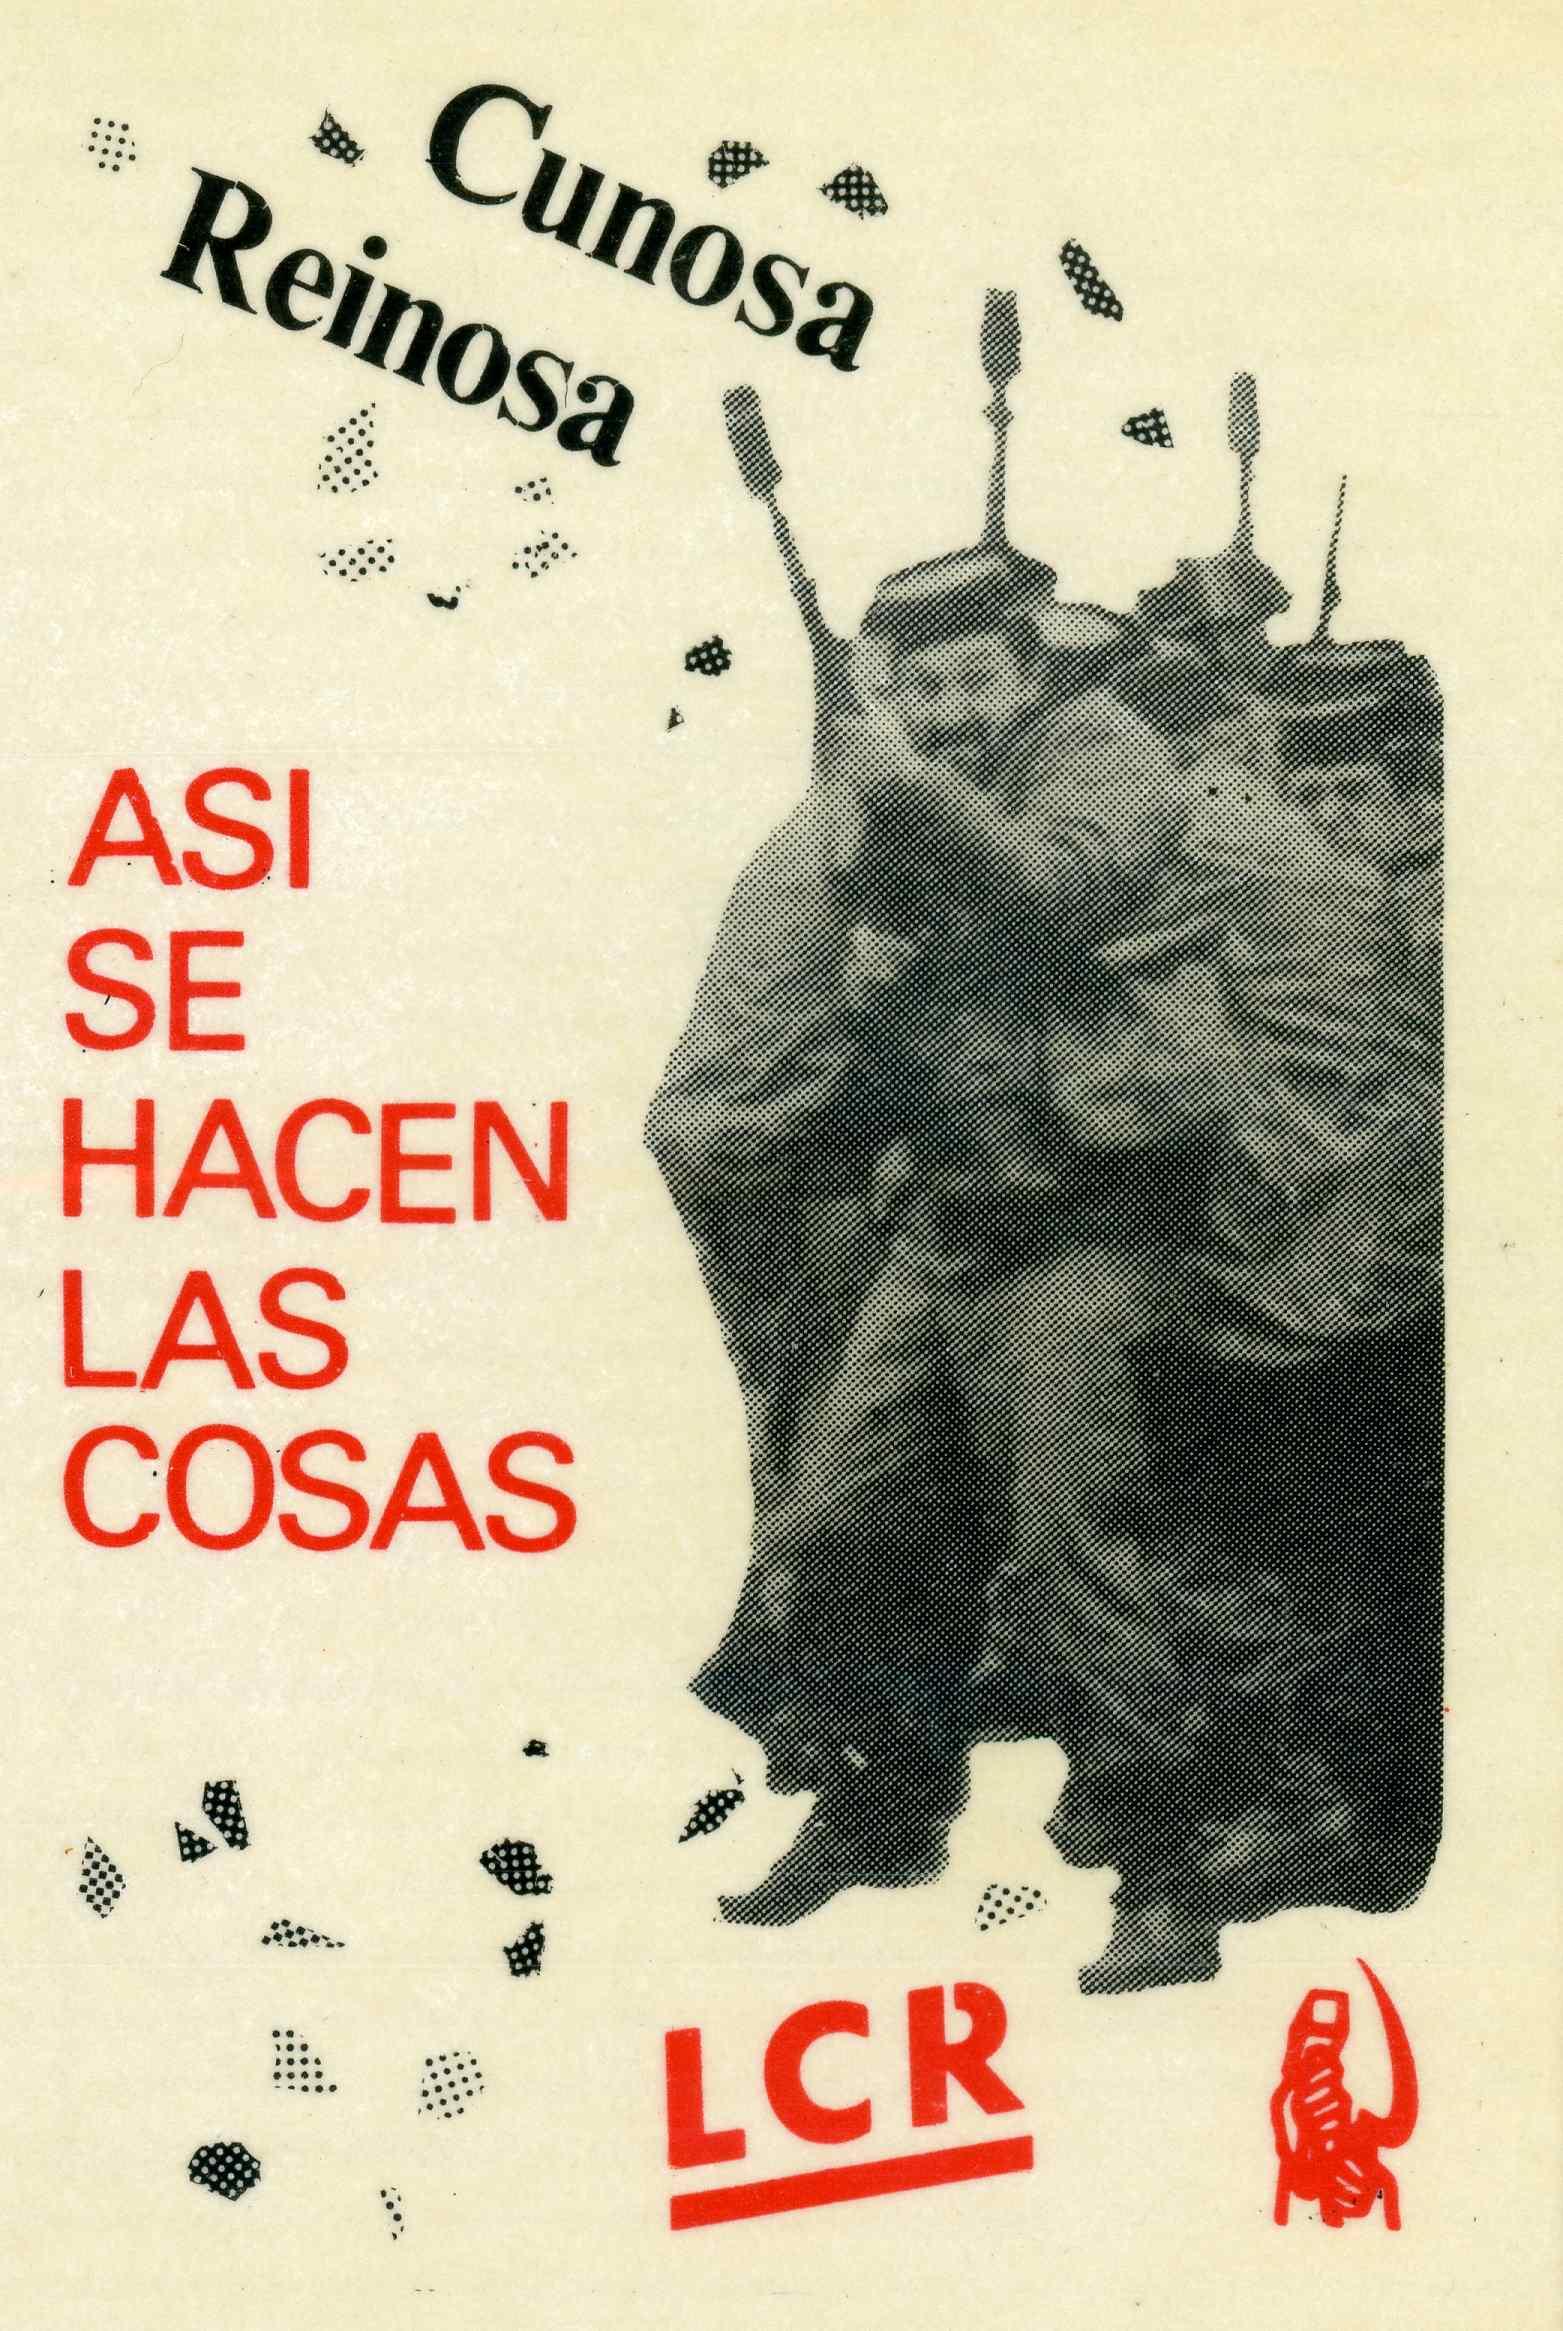 Pegatina editada por la Liga Comunista Revolucionaria en 1987 como apoyo los trabajadores de Cunosa y Reinosa.